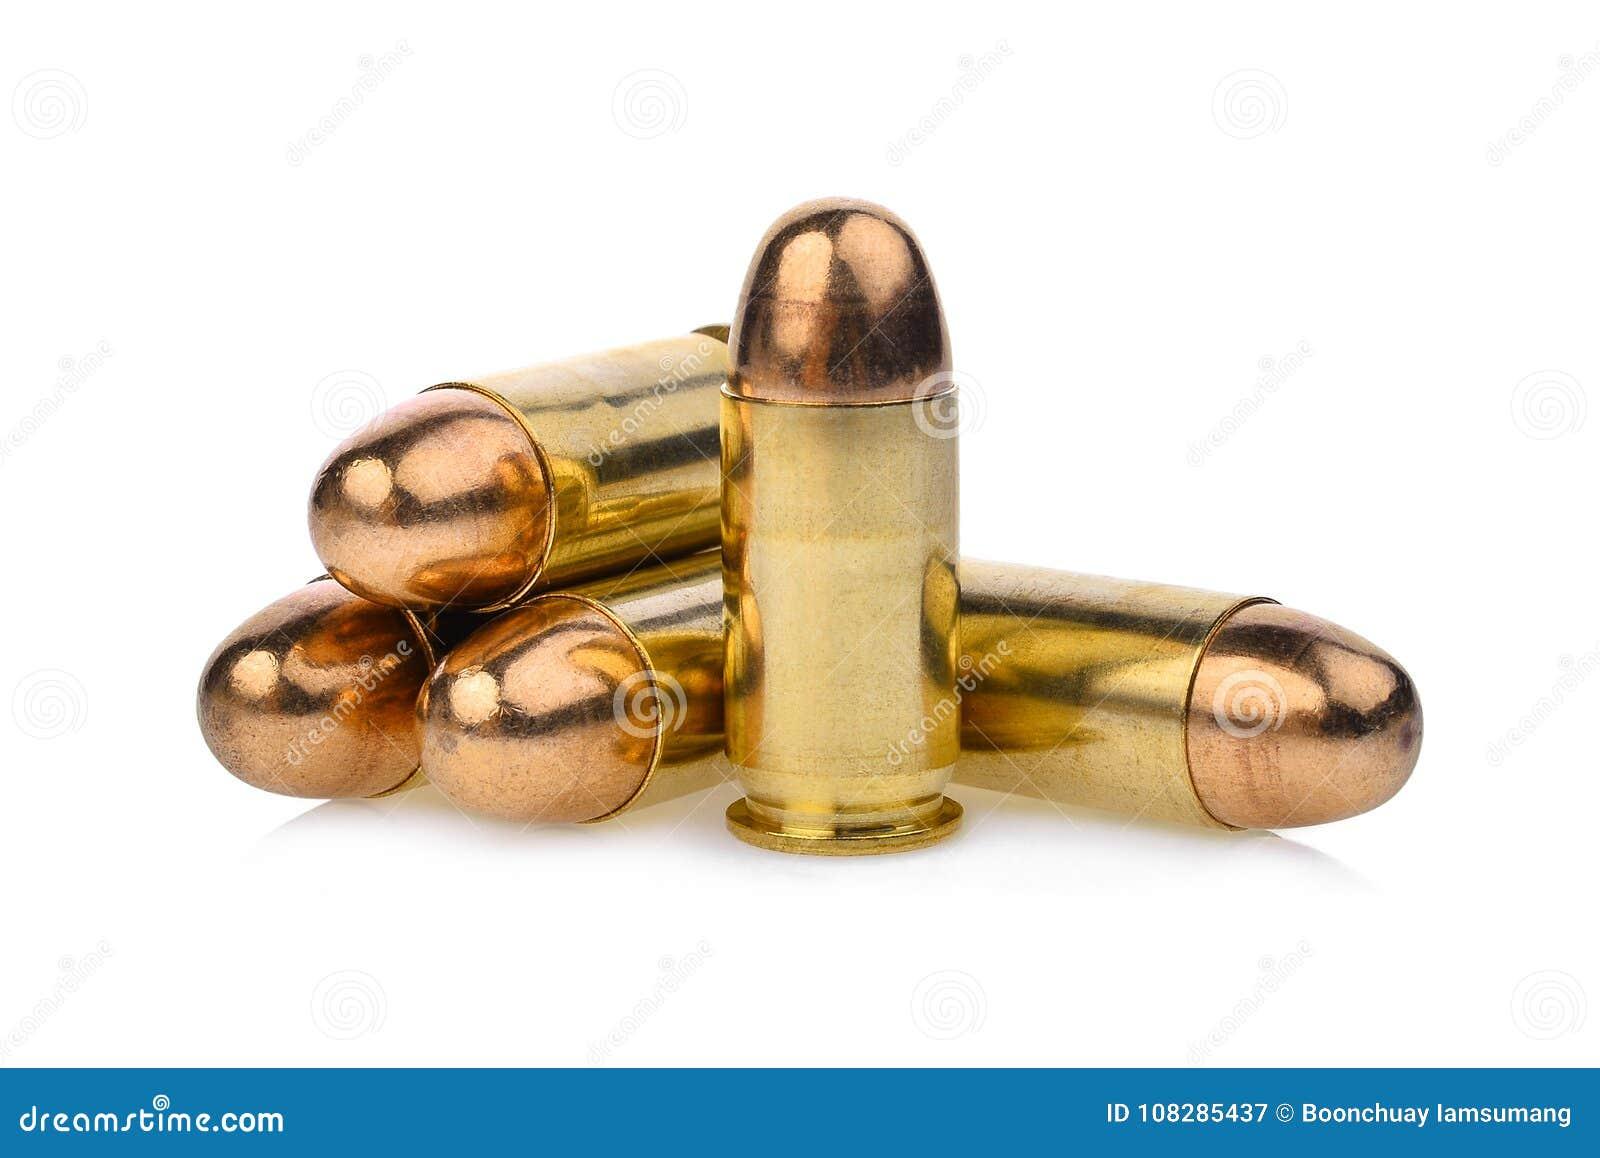 Lle cartucce di Lle munizioni di 45 pistole ACP, rivestimento pieno del metallo